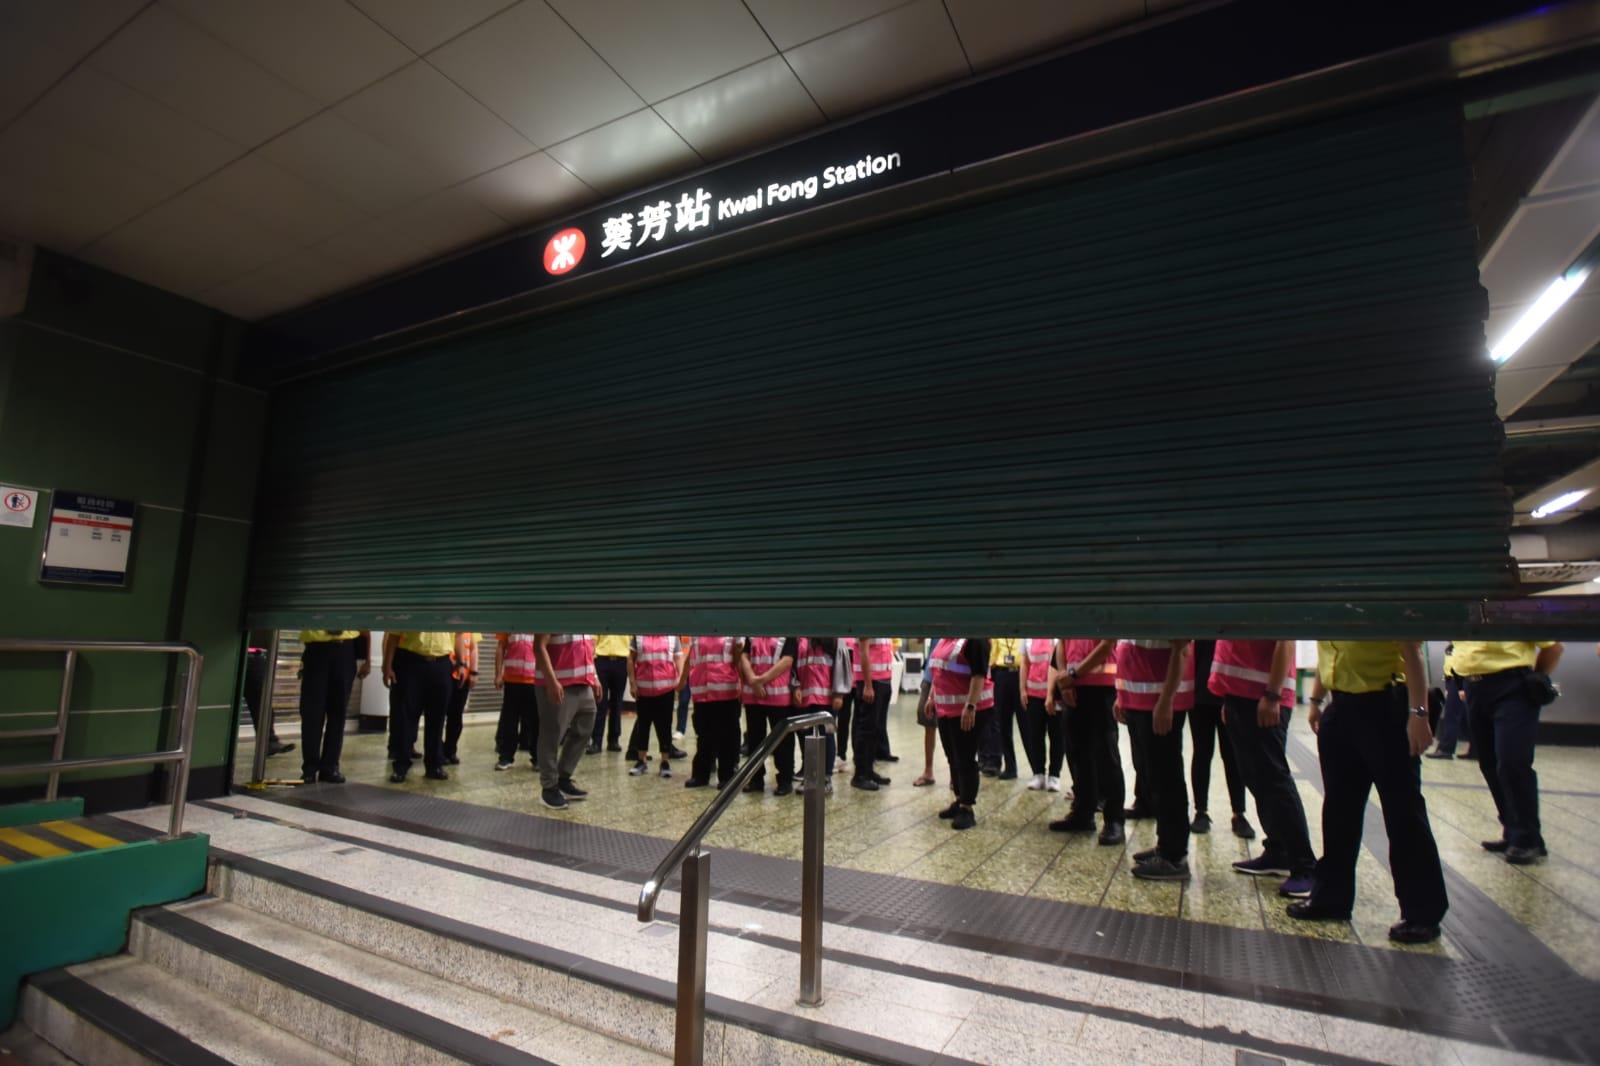 葵芳站全部出入口關閉。